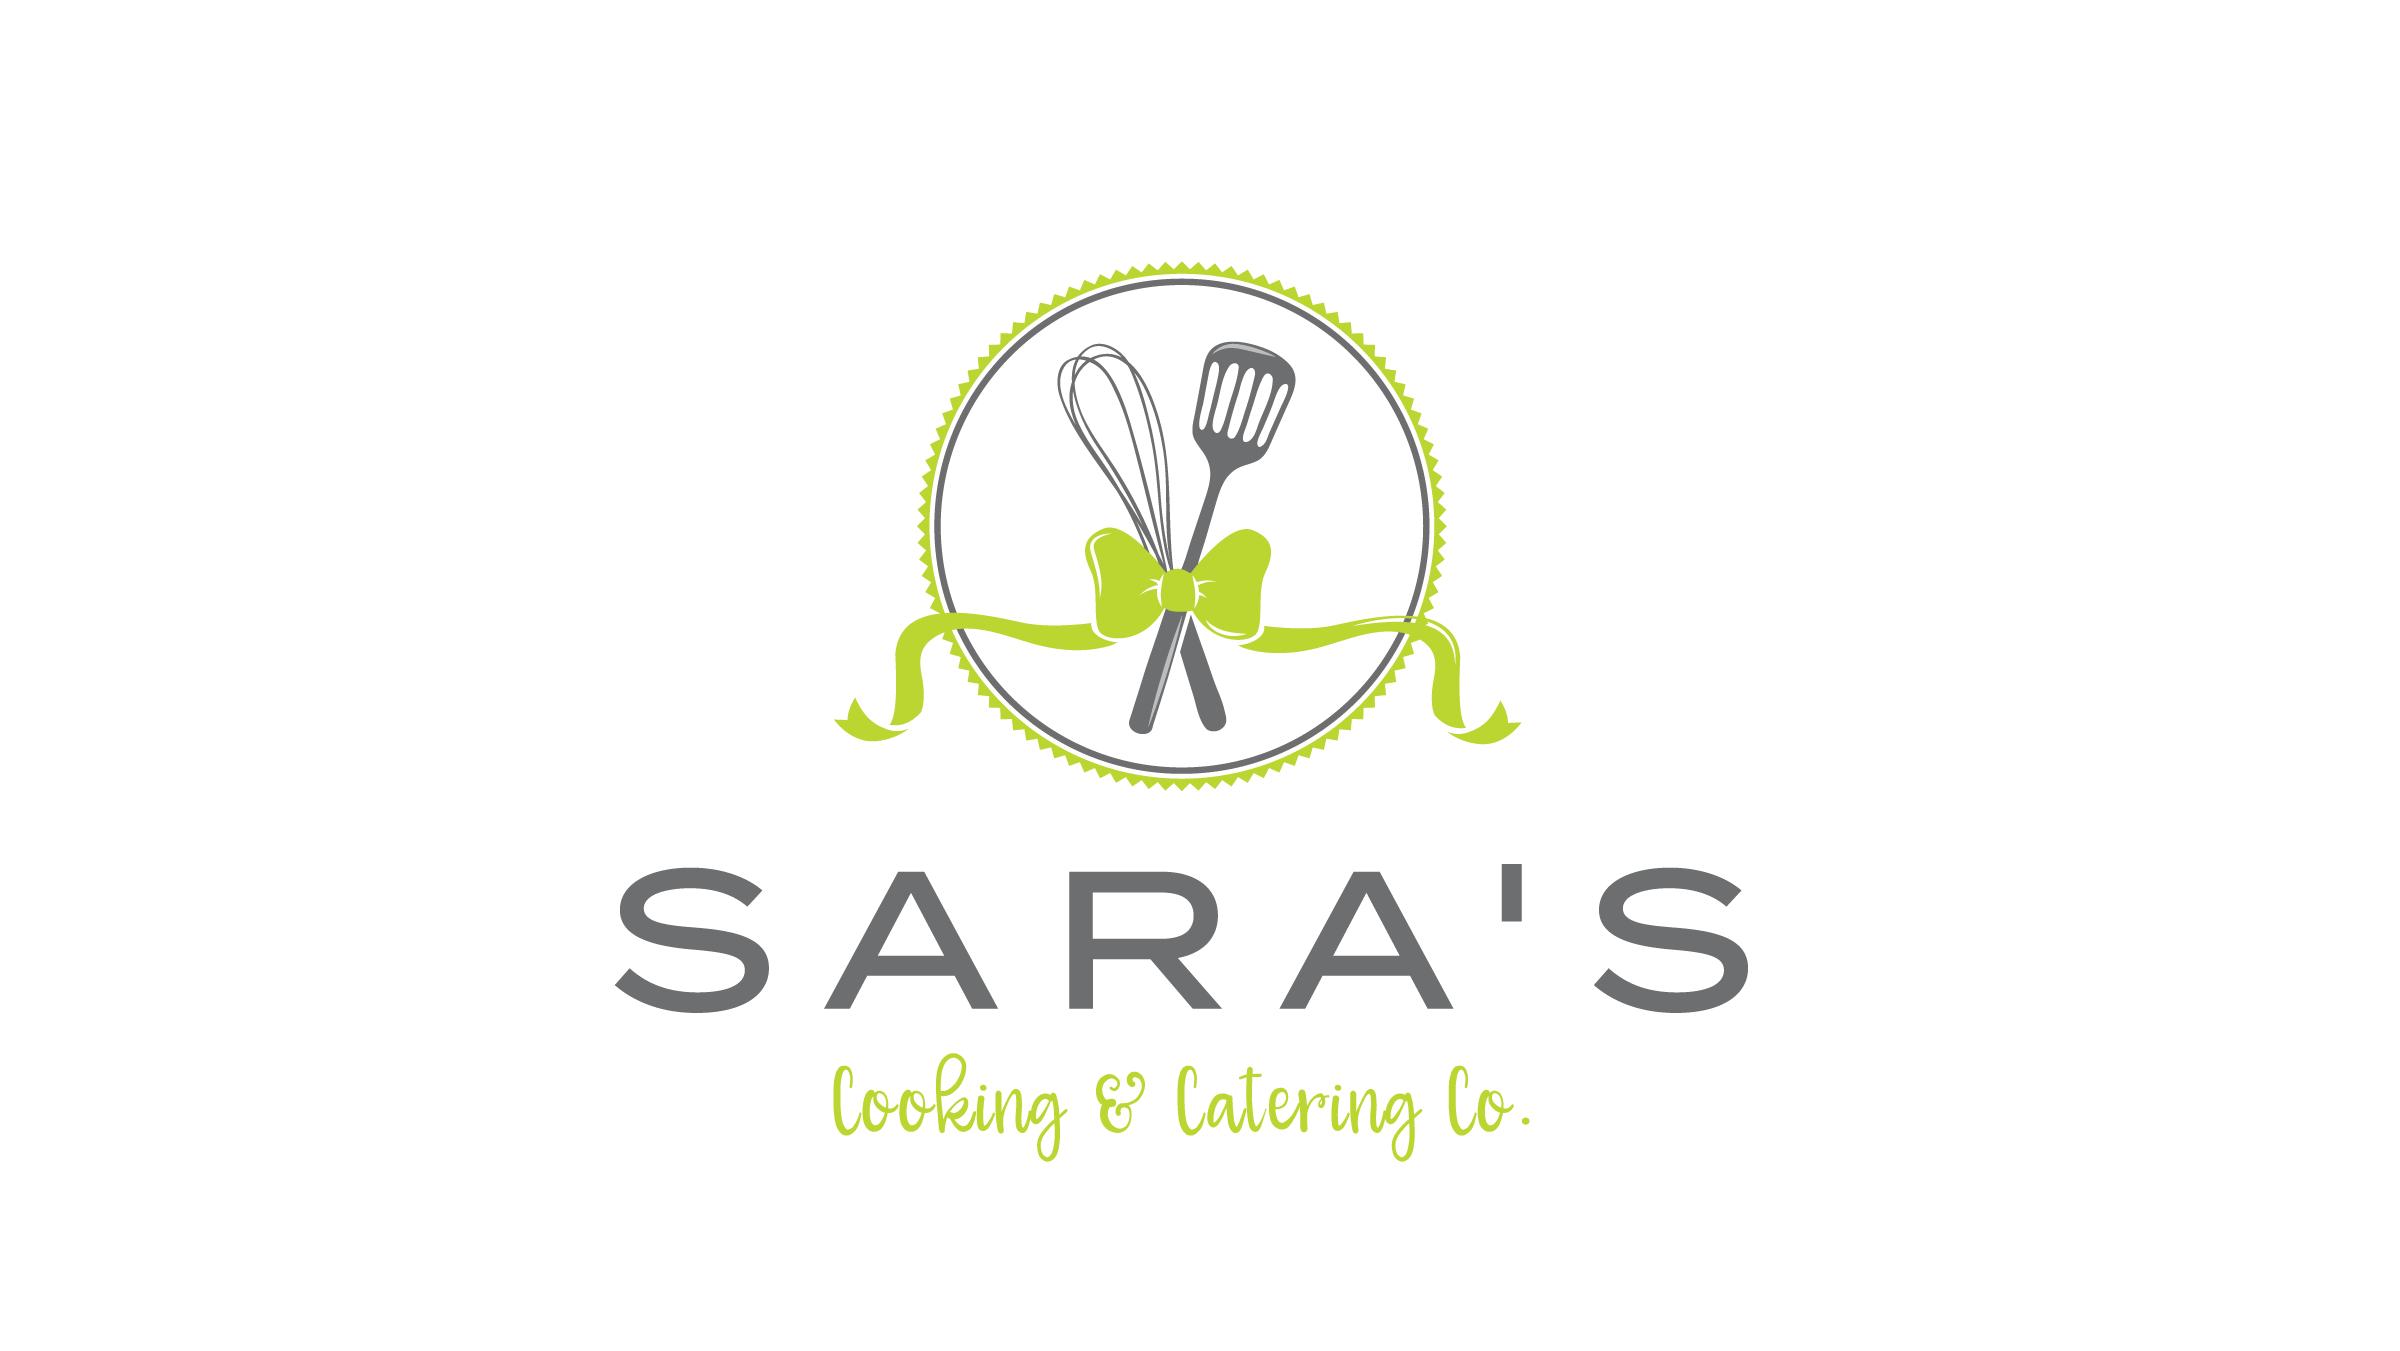 SarasCookingCatering.png